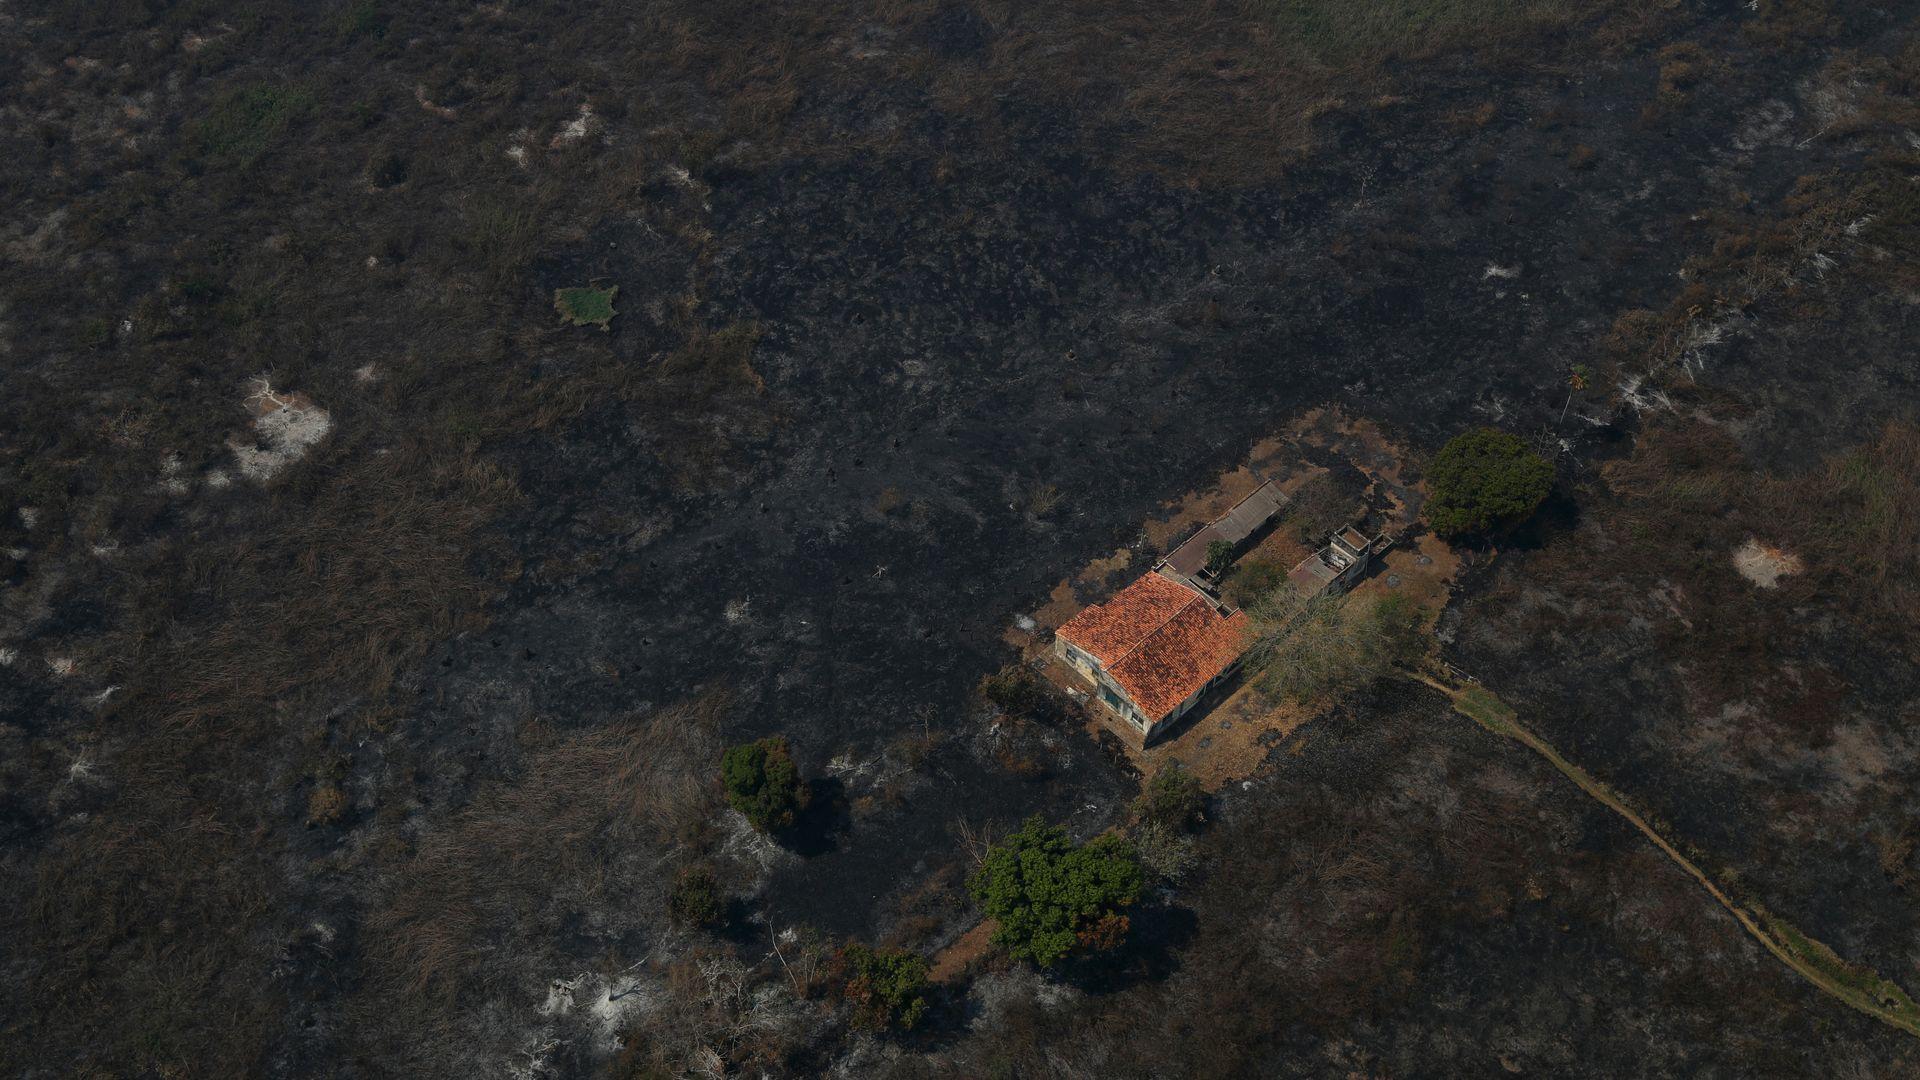 Uma vista aérea mostra uma casa cercada por vegetação queimada no Pantanal, a maior área úmida do mundo, em Pocone, Mato Grosso, Brasil, 28 de agosto de 2020. REUTERS / Amanda Perobelli